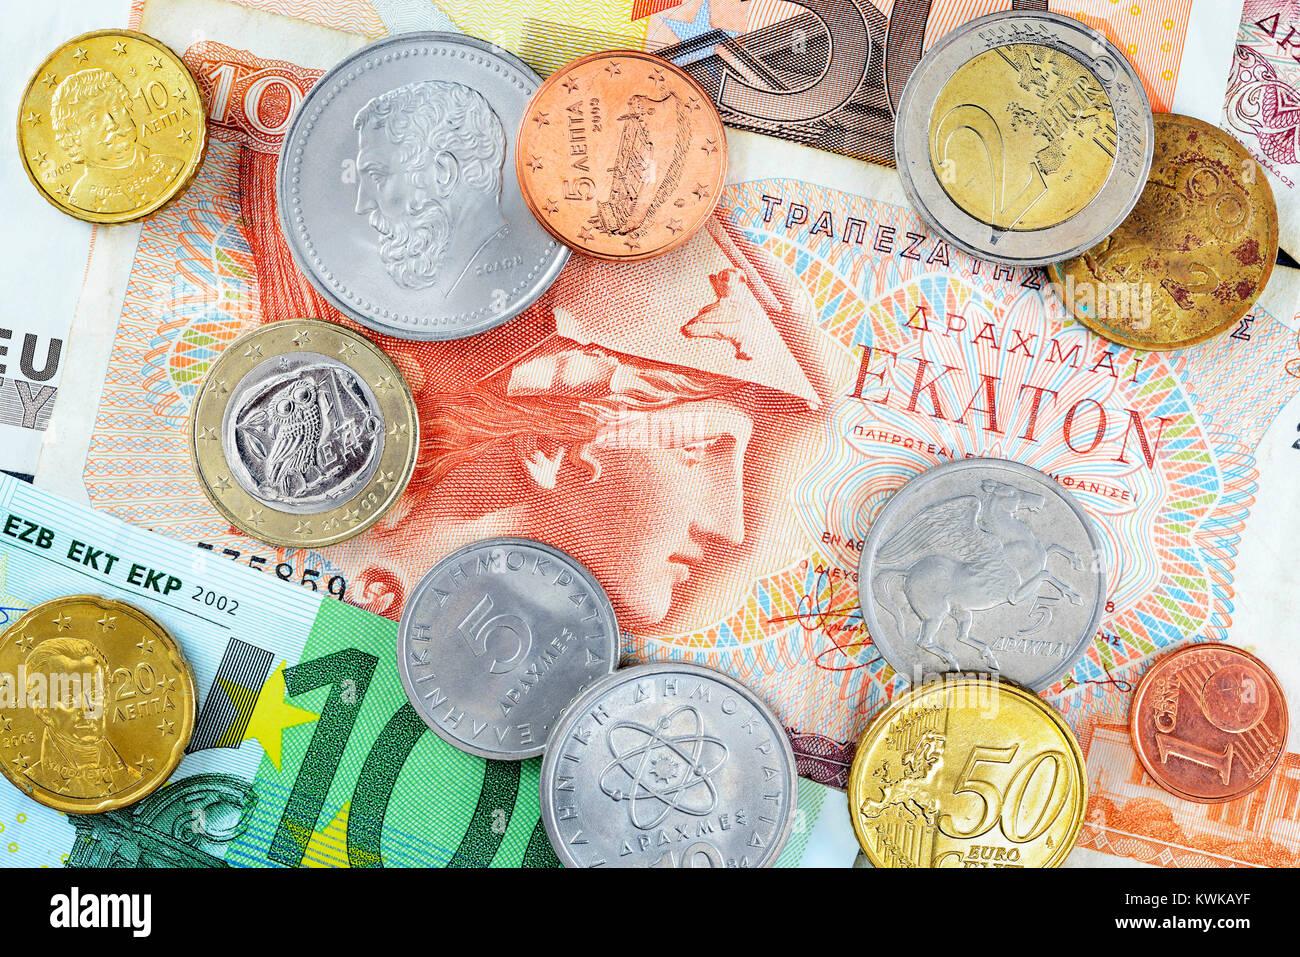 Greek drachms, euronotes and eurocoins, Griechische Drachmen, Euroscheine und Eurom?nzen Stock Photo